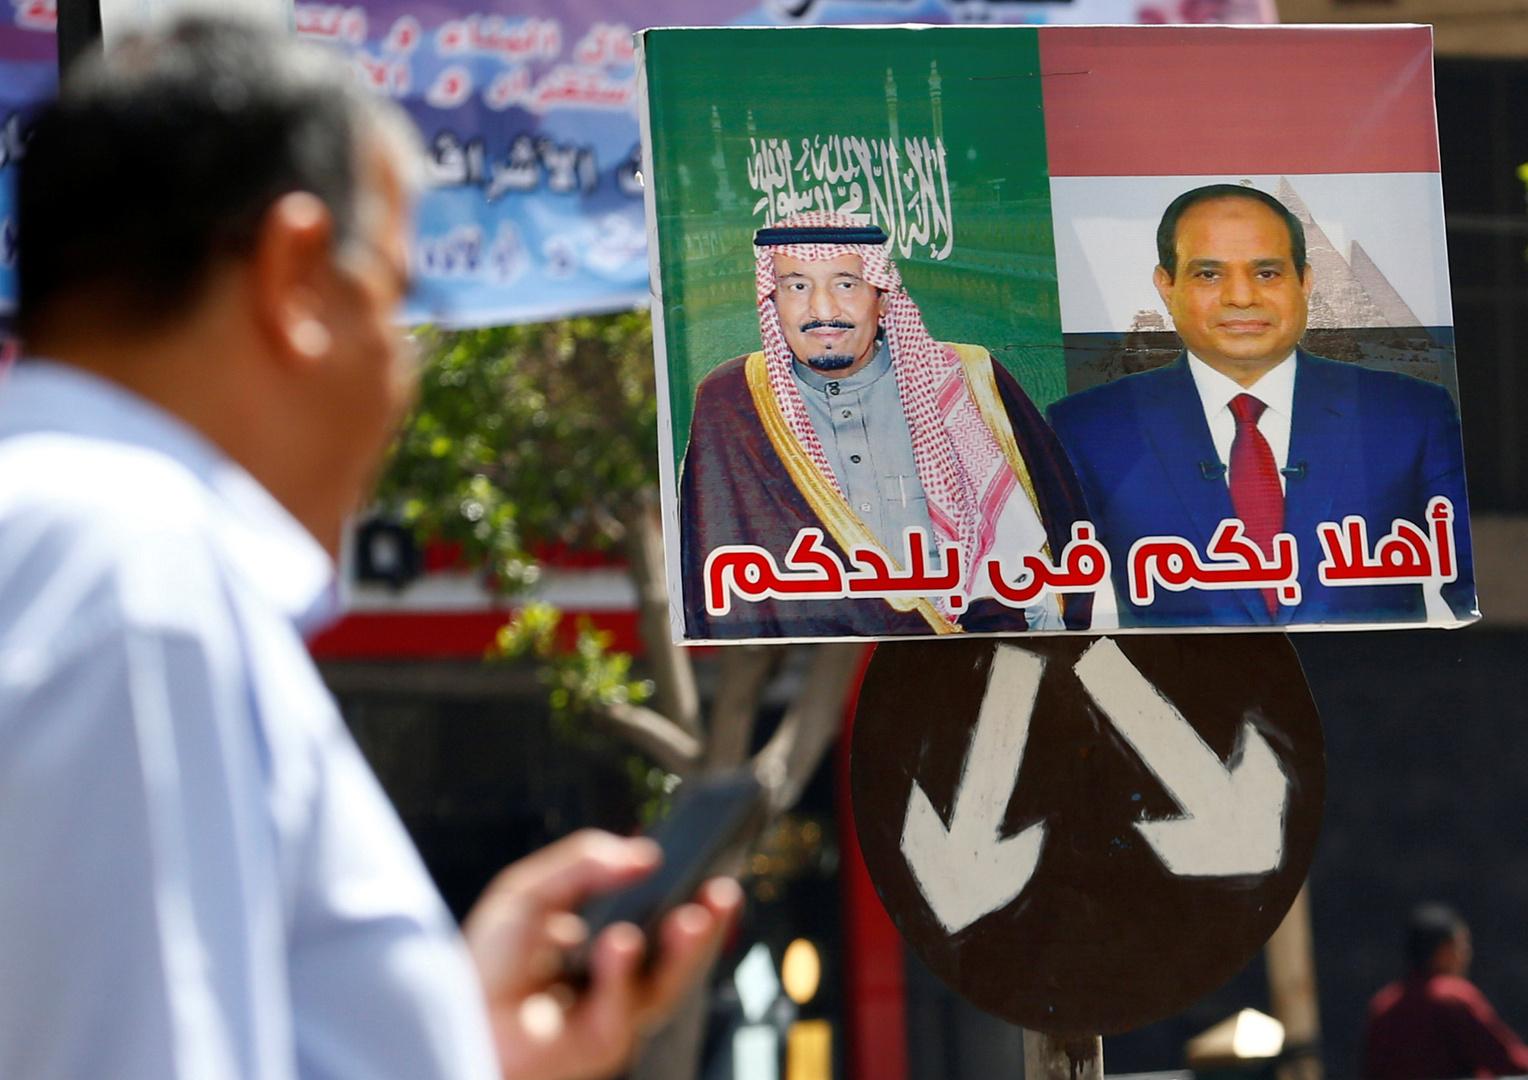 السيسي يوافق على اتفاقية قرض مع السعودية